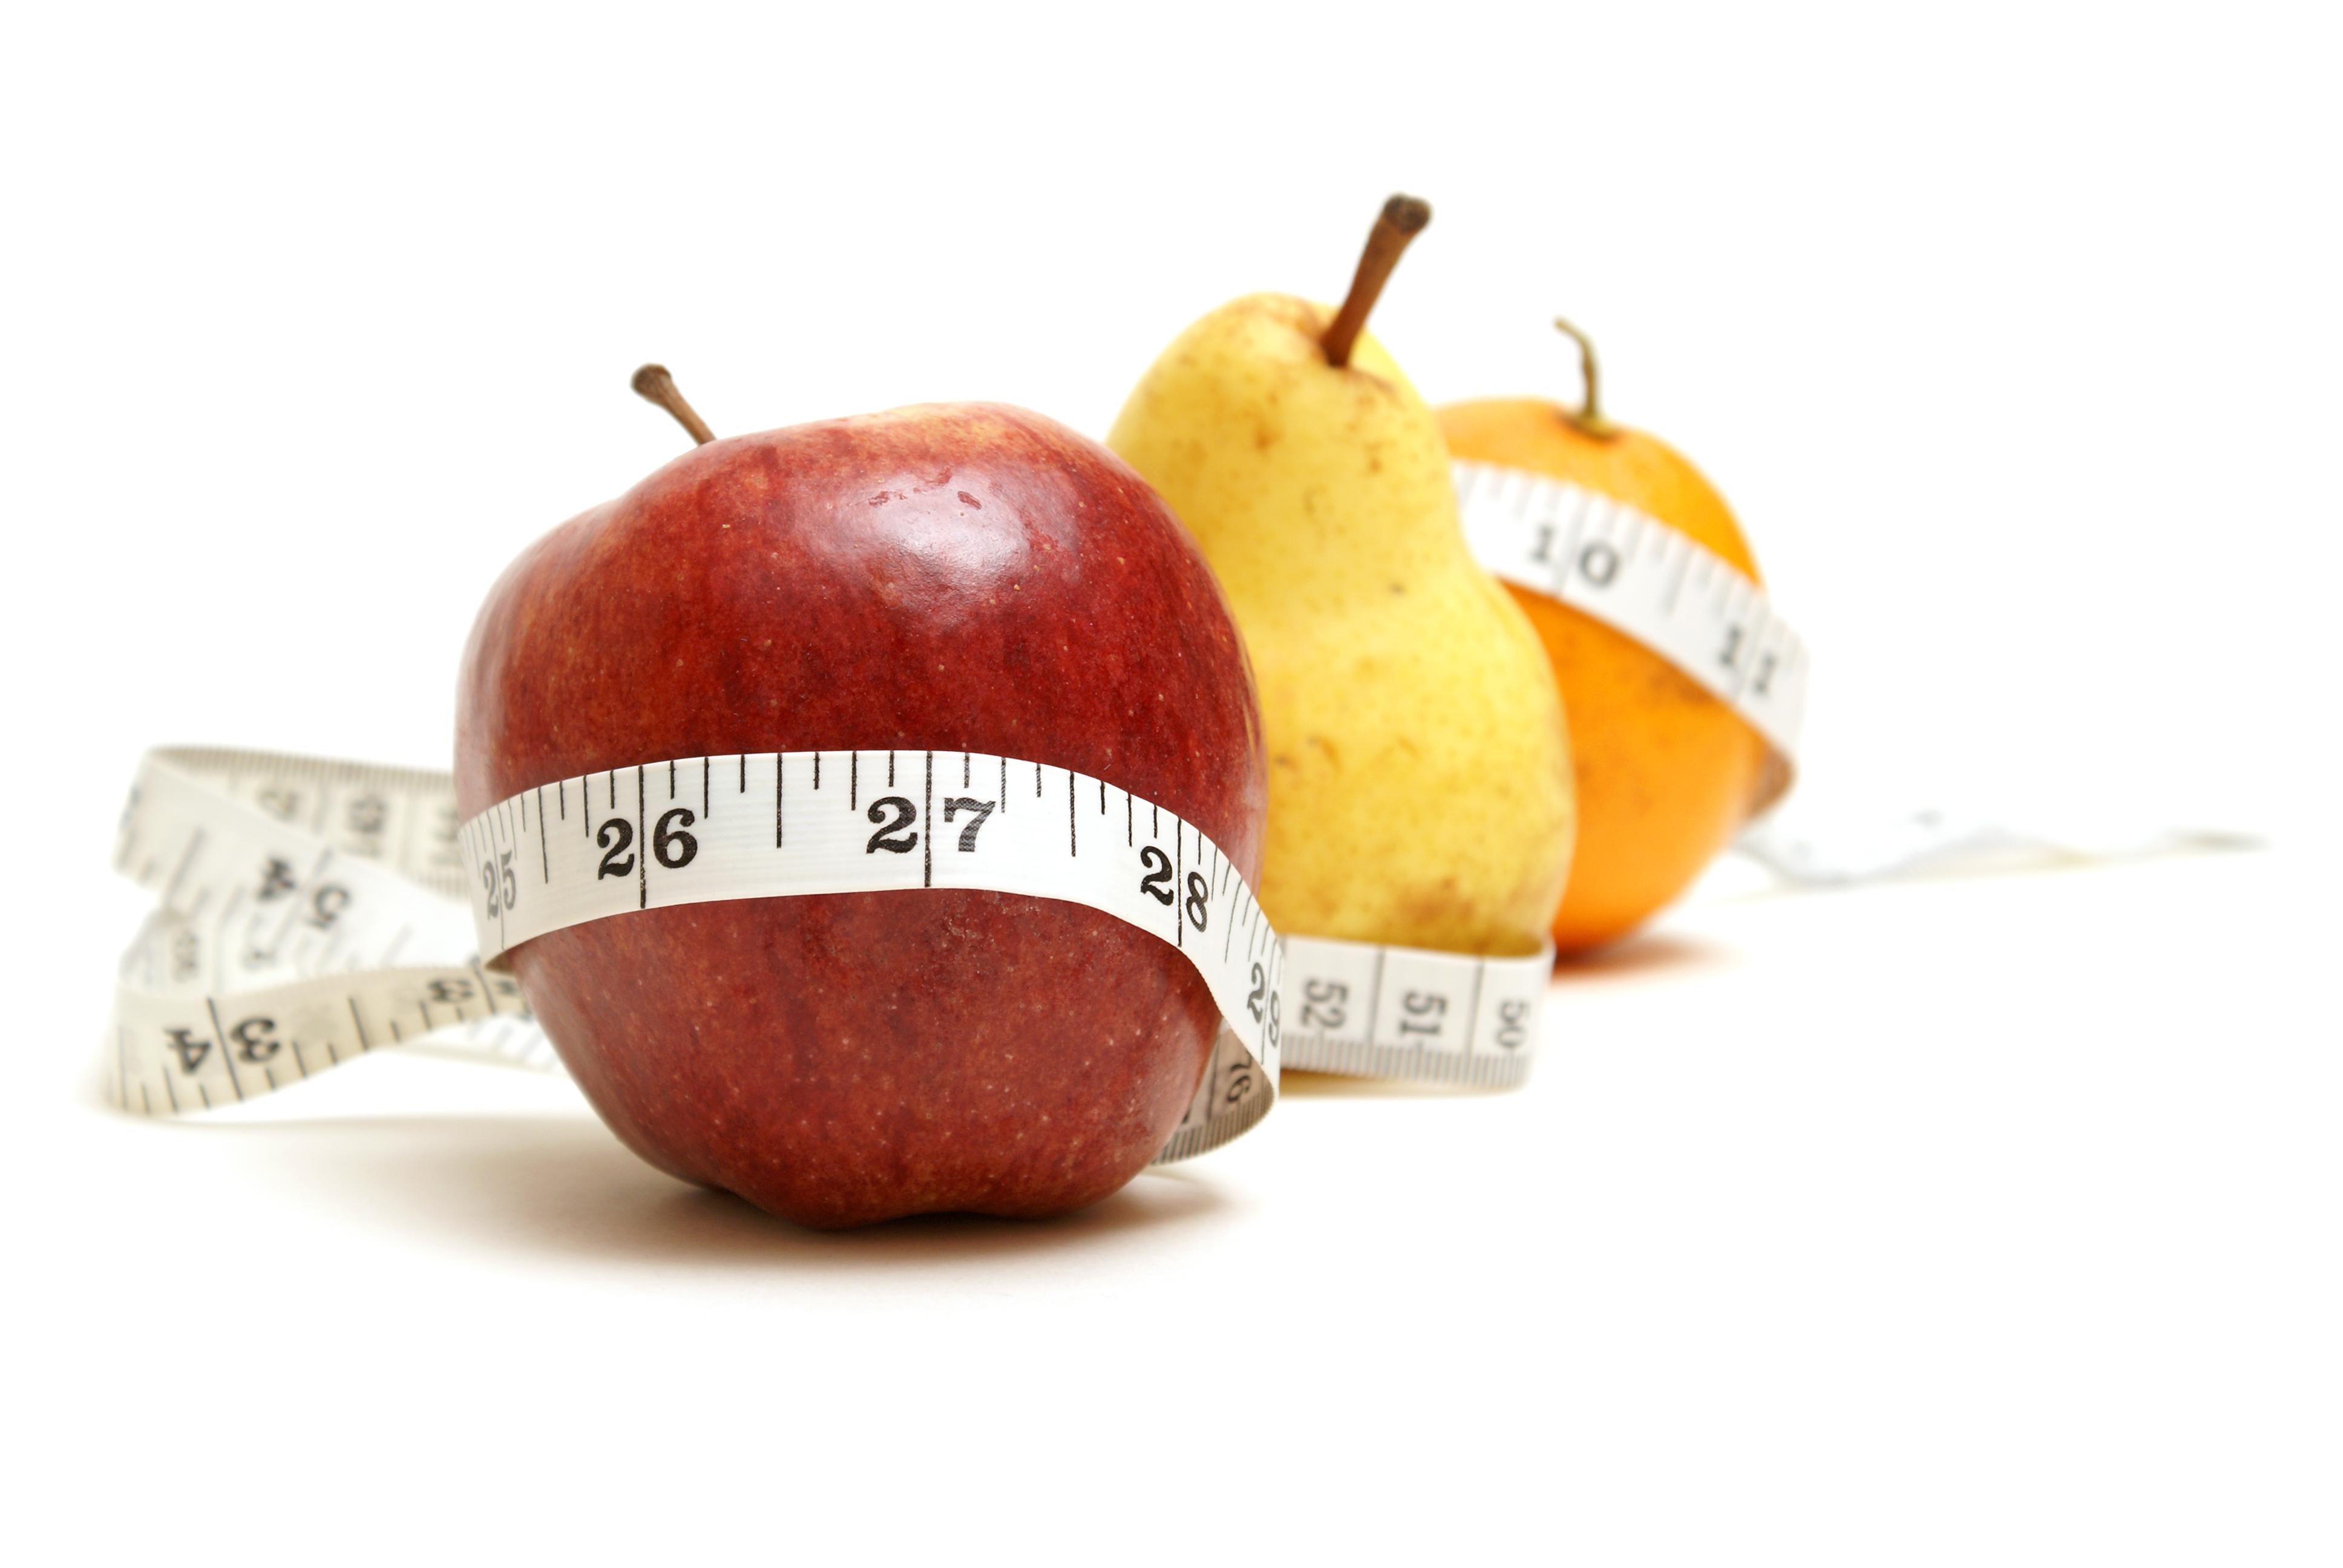 Ernährungstipps in der Quarantäne